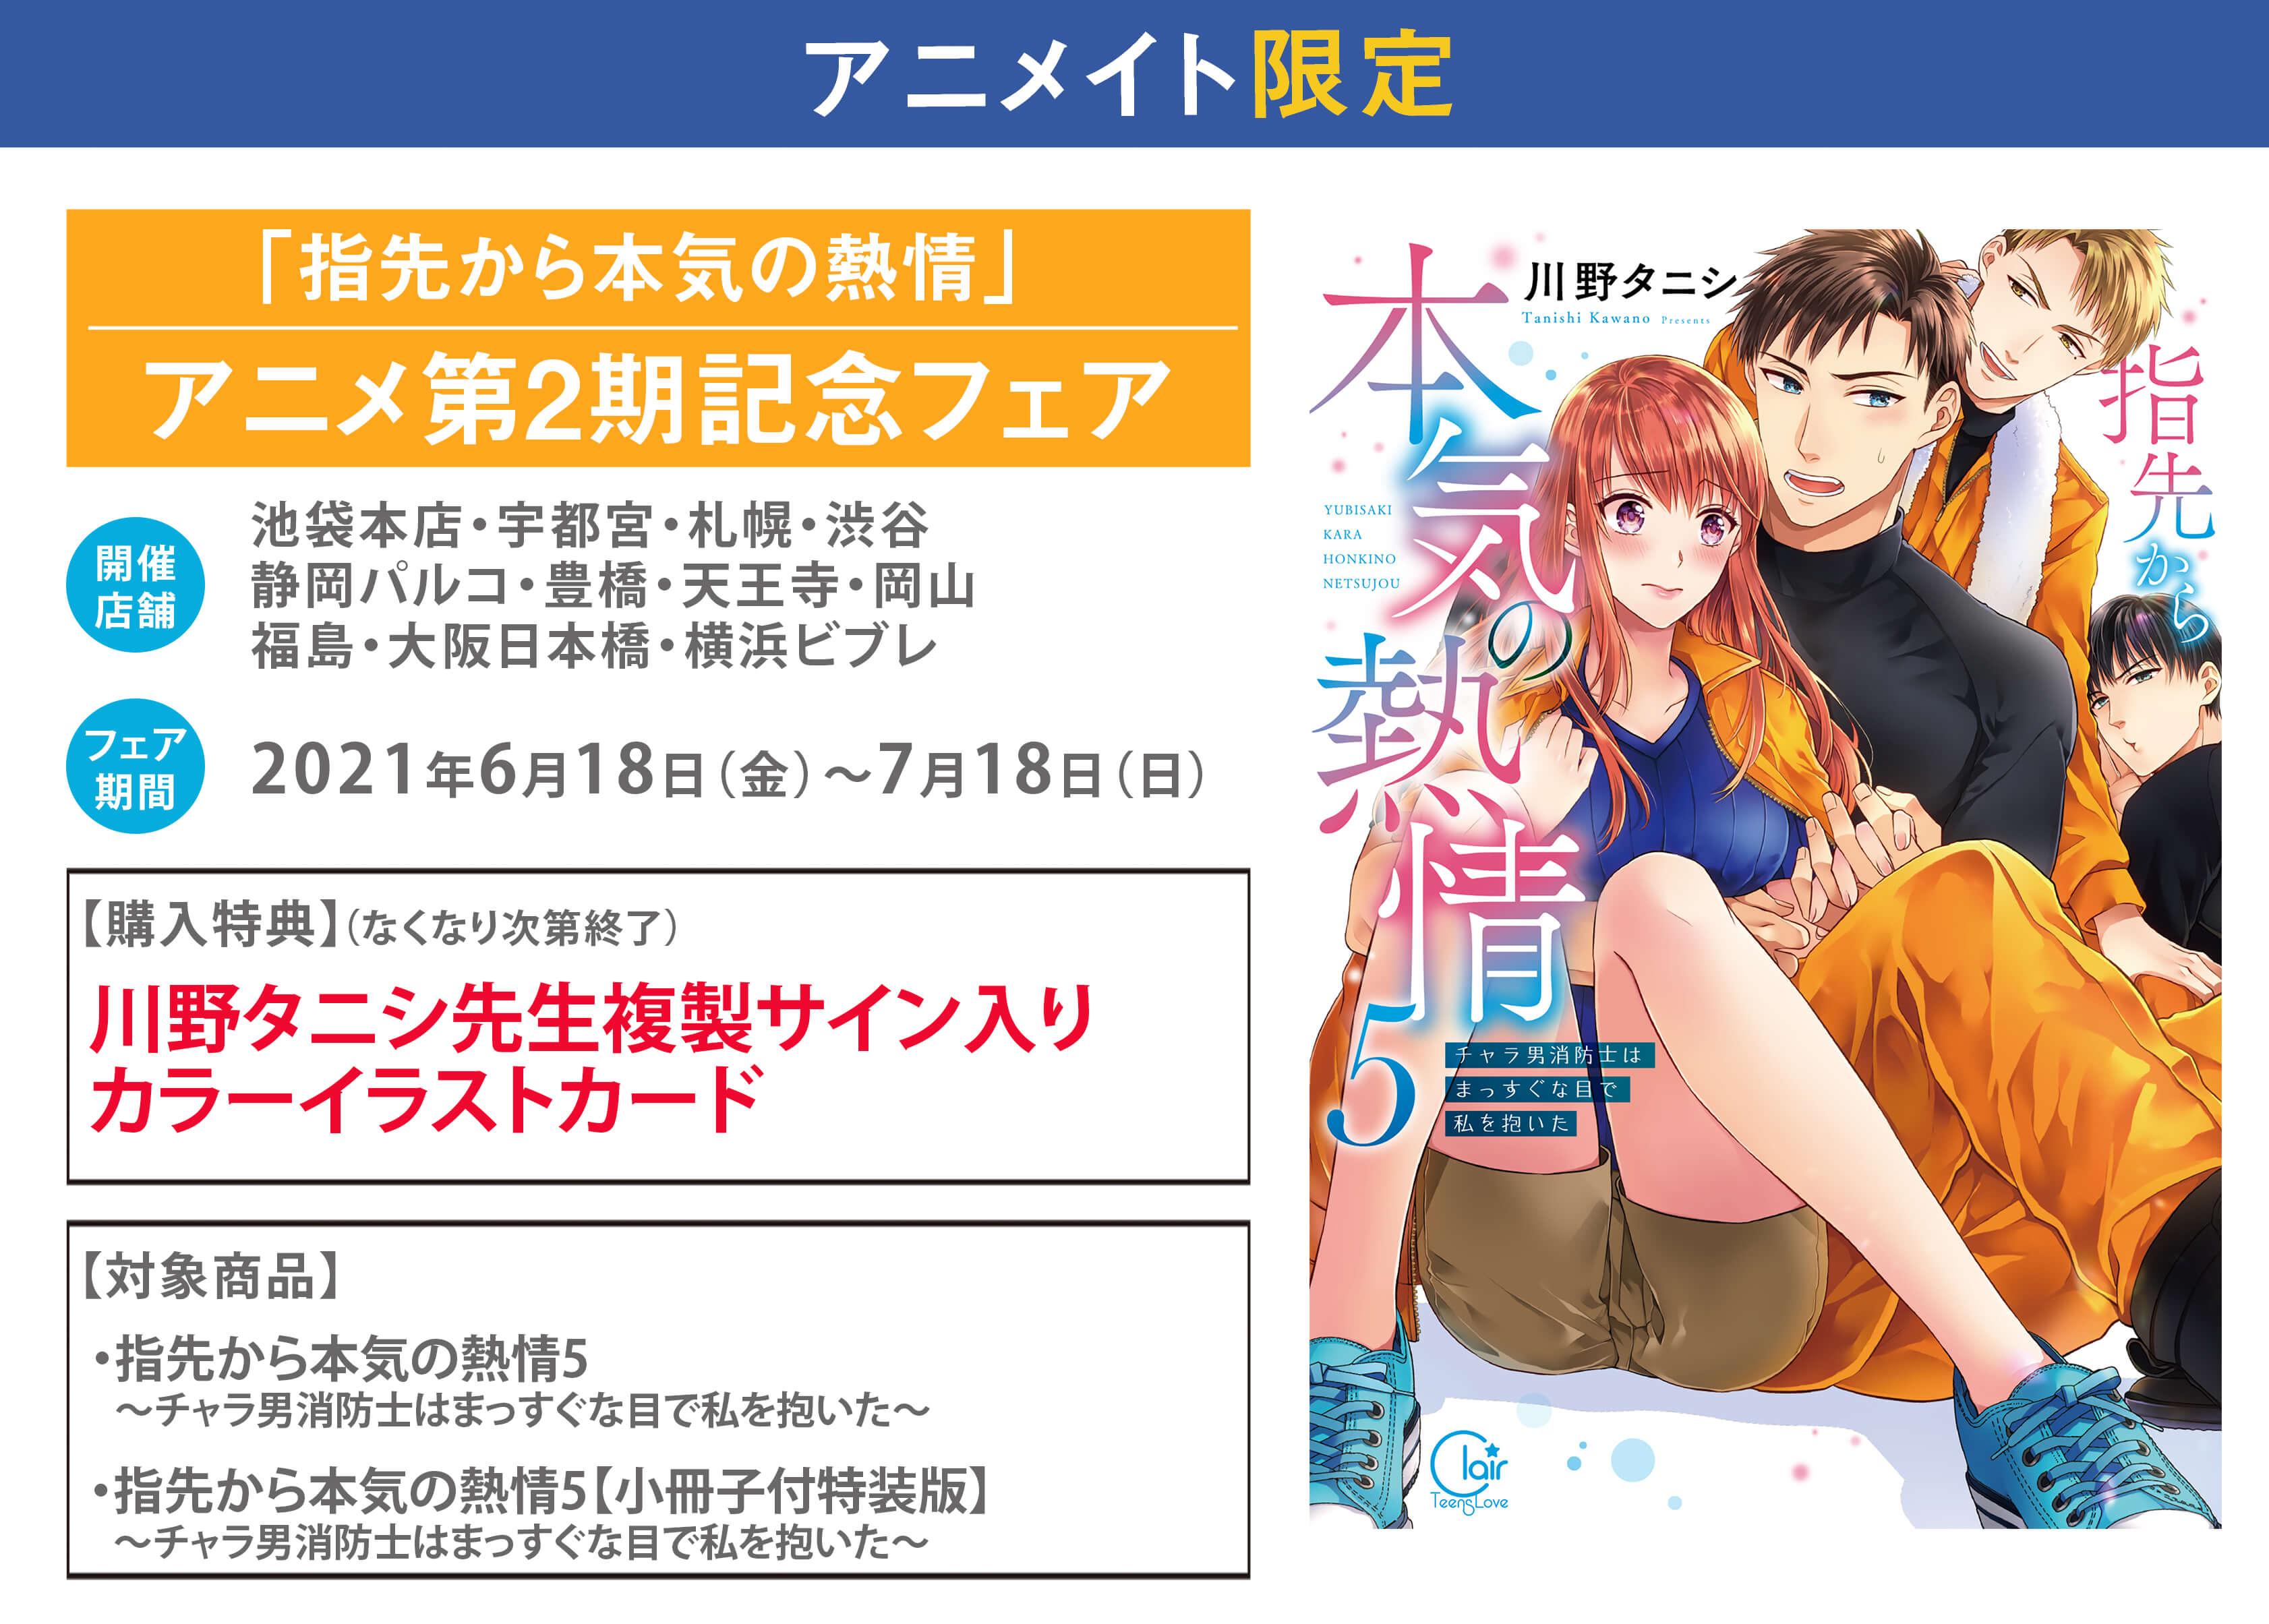 【TVアニメ第2期記念】「指先から本気の熱情」フェア in アニメイト